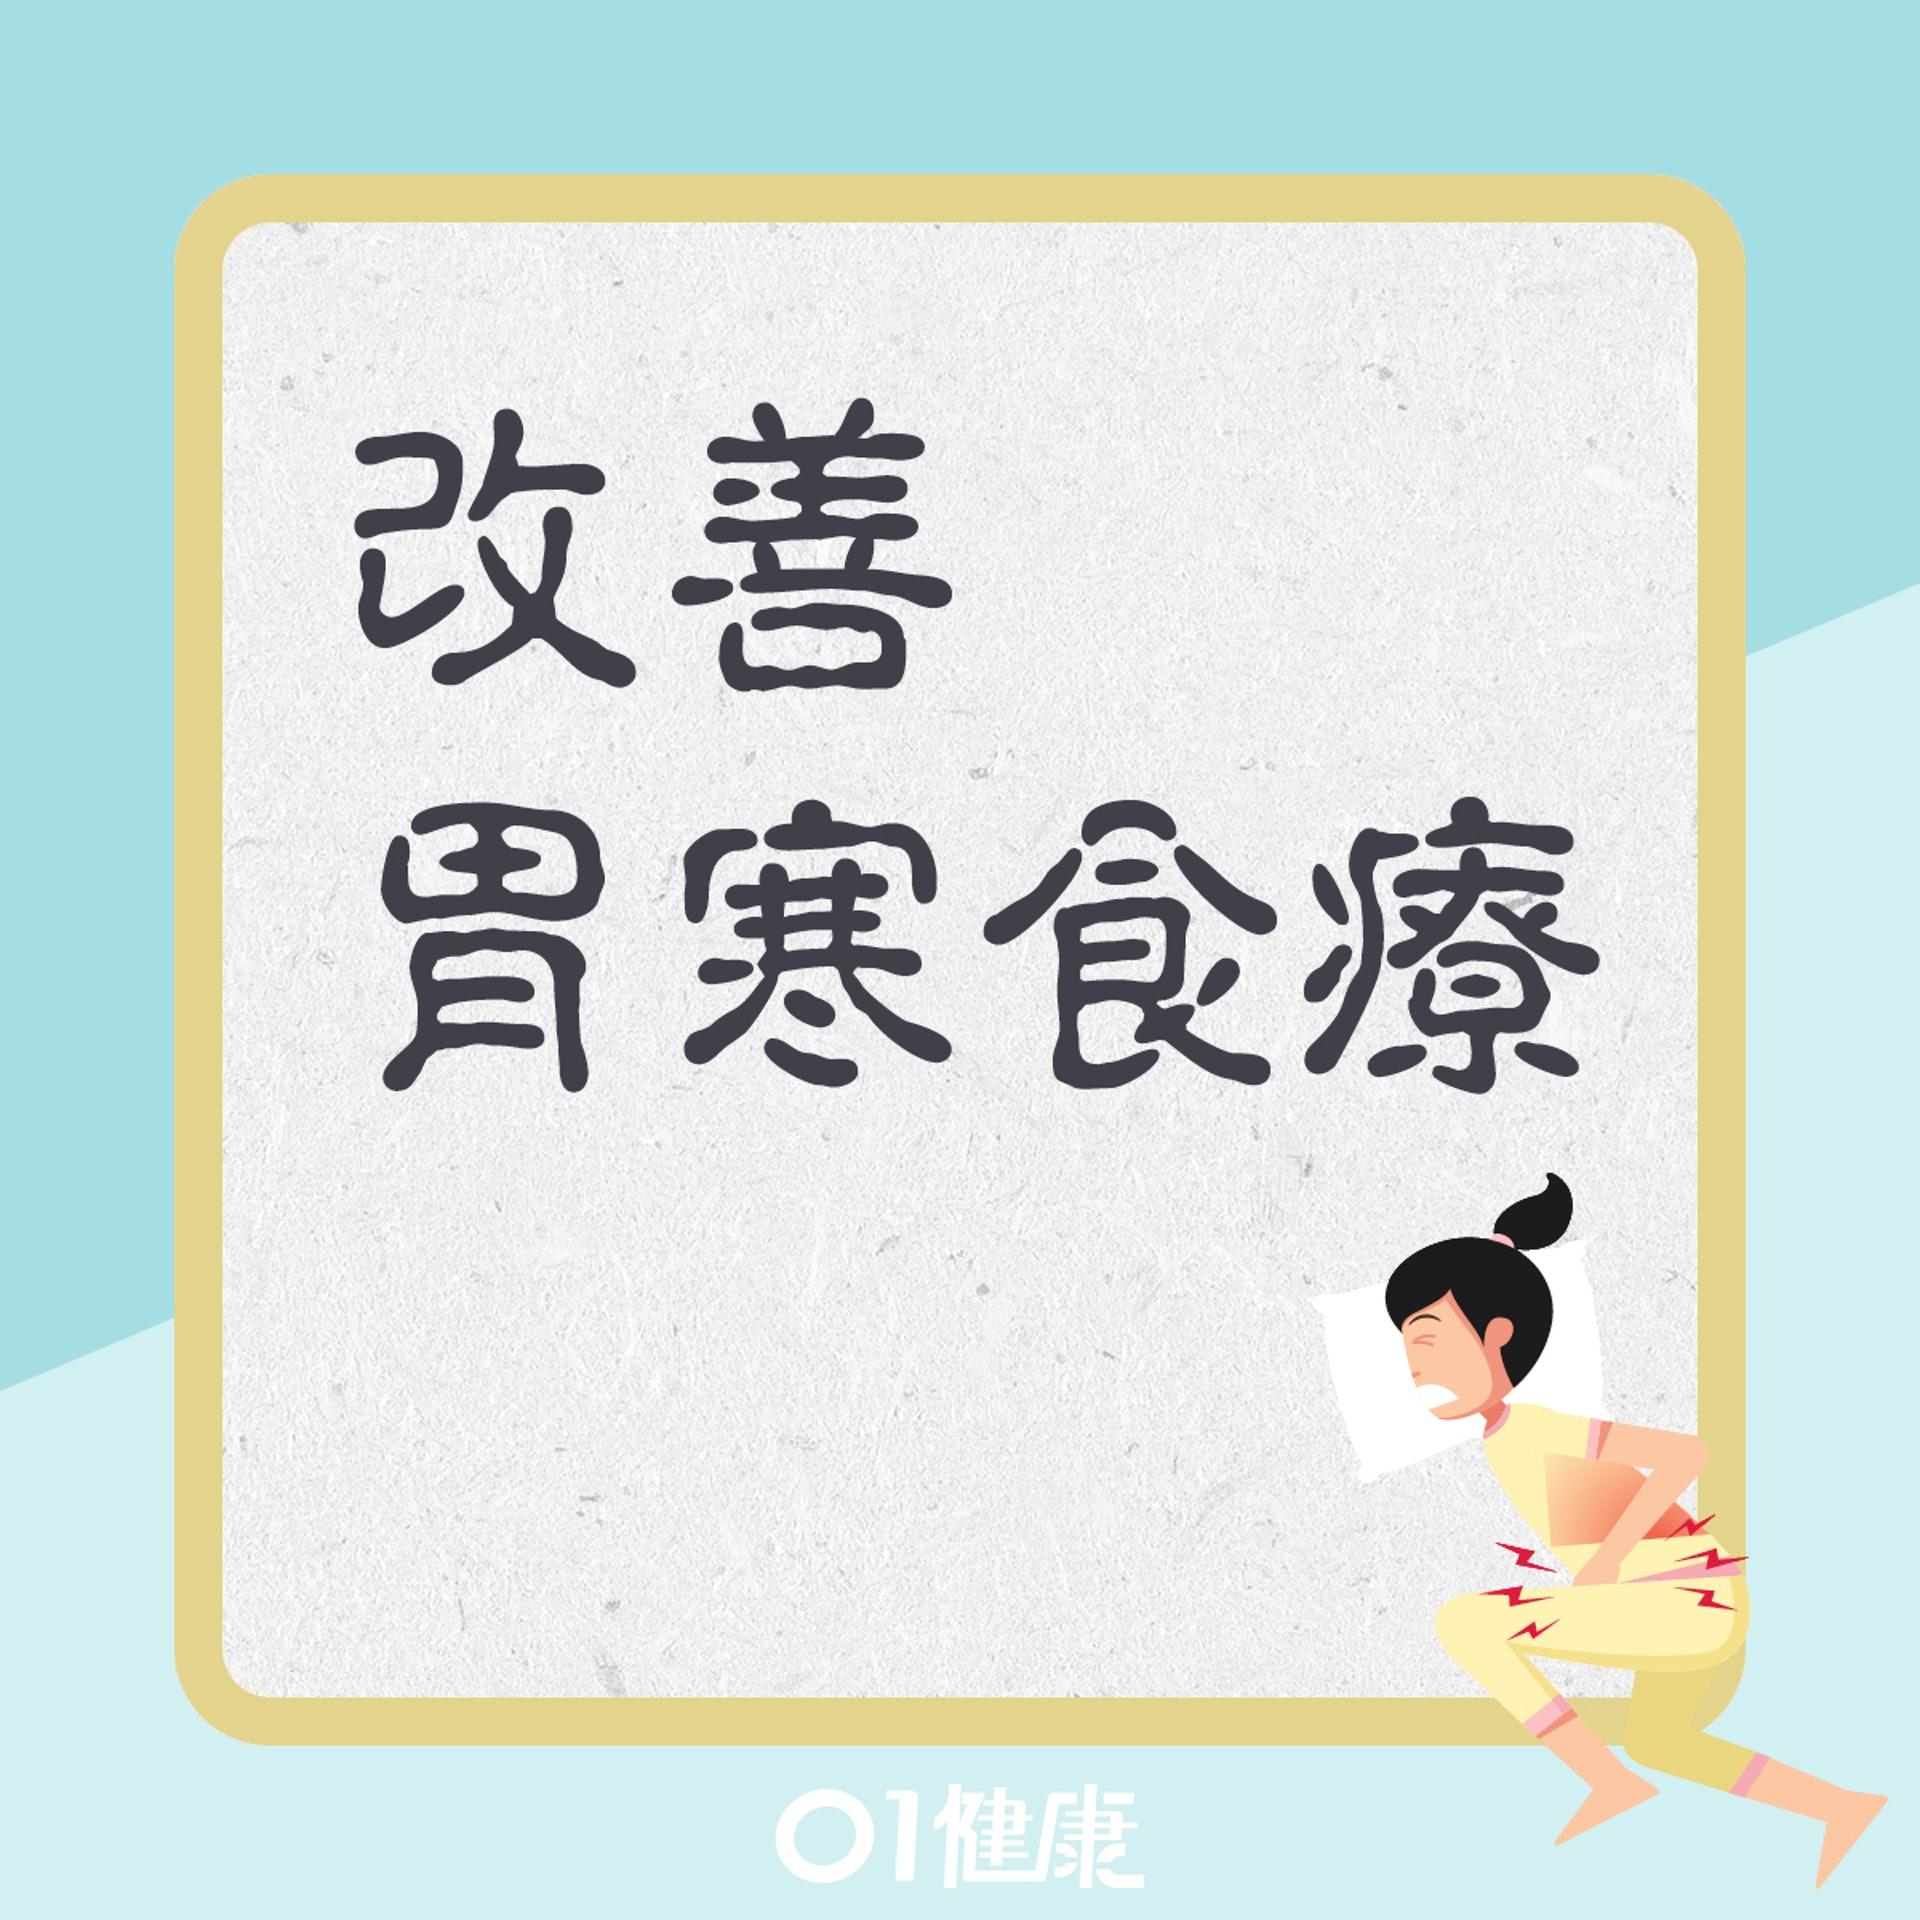 丁香肉桂紅糖煎(01製圖)